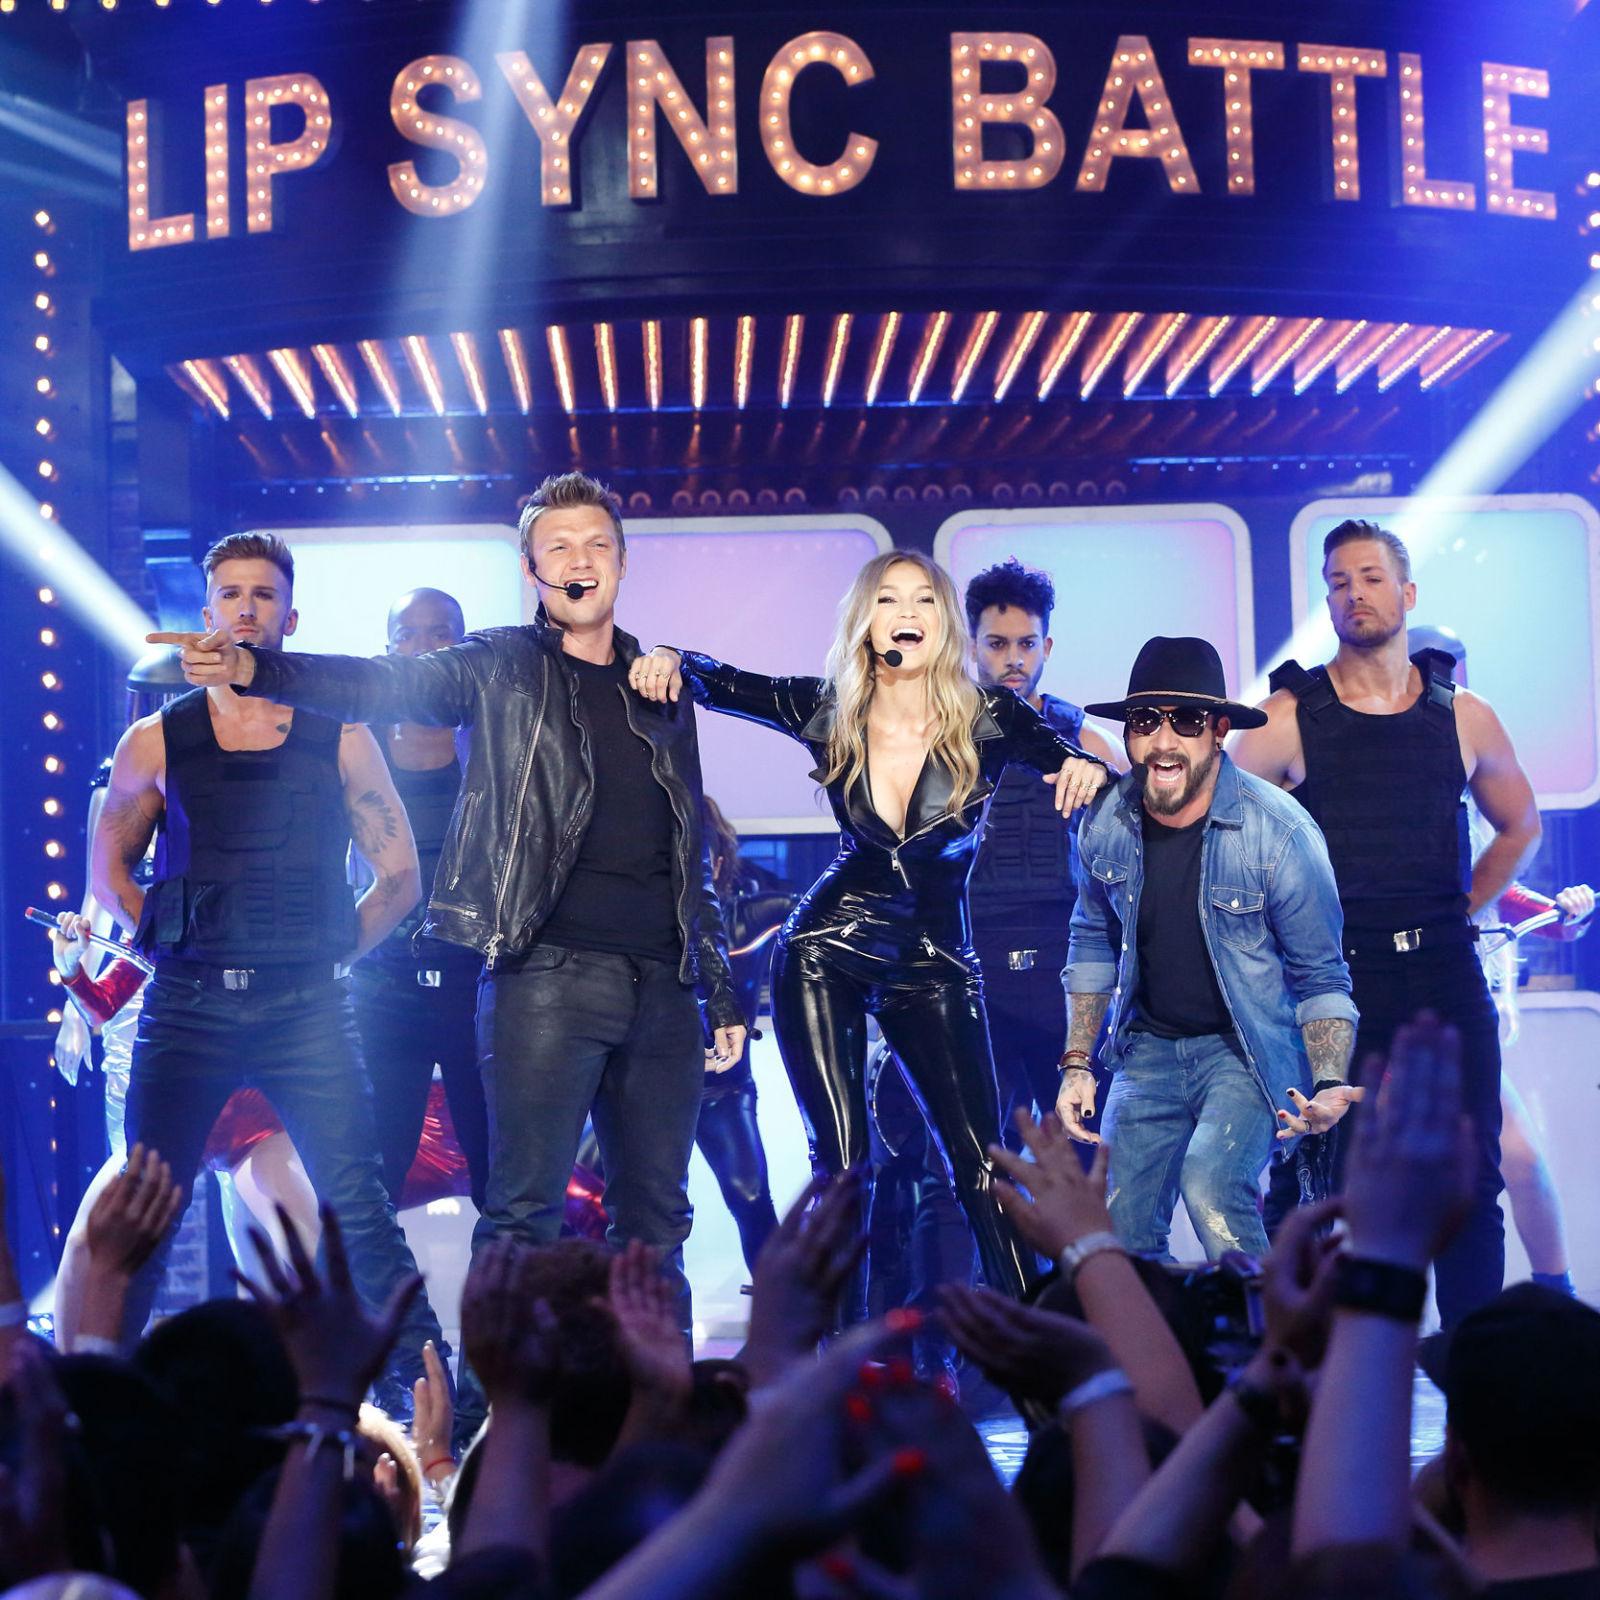 Gigi Hadid On Lip Sync Battle Video: Watch Gigi Hadid's Full 'Lip Sync Battle' Performance With